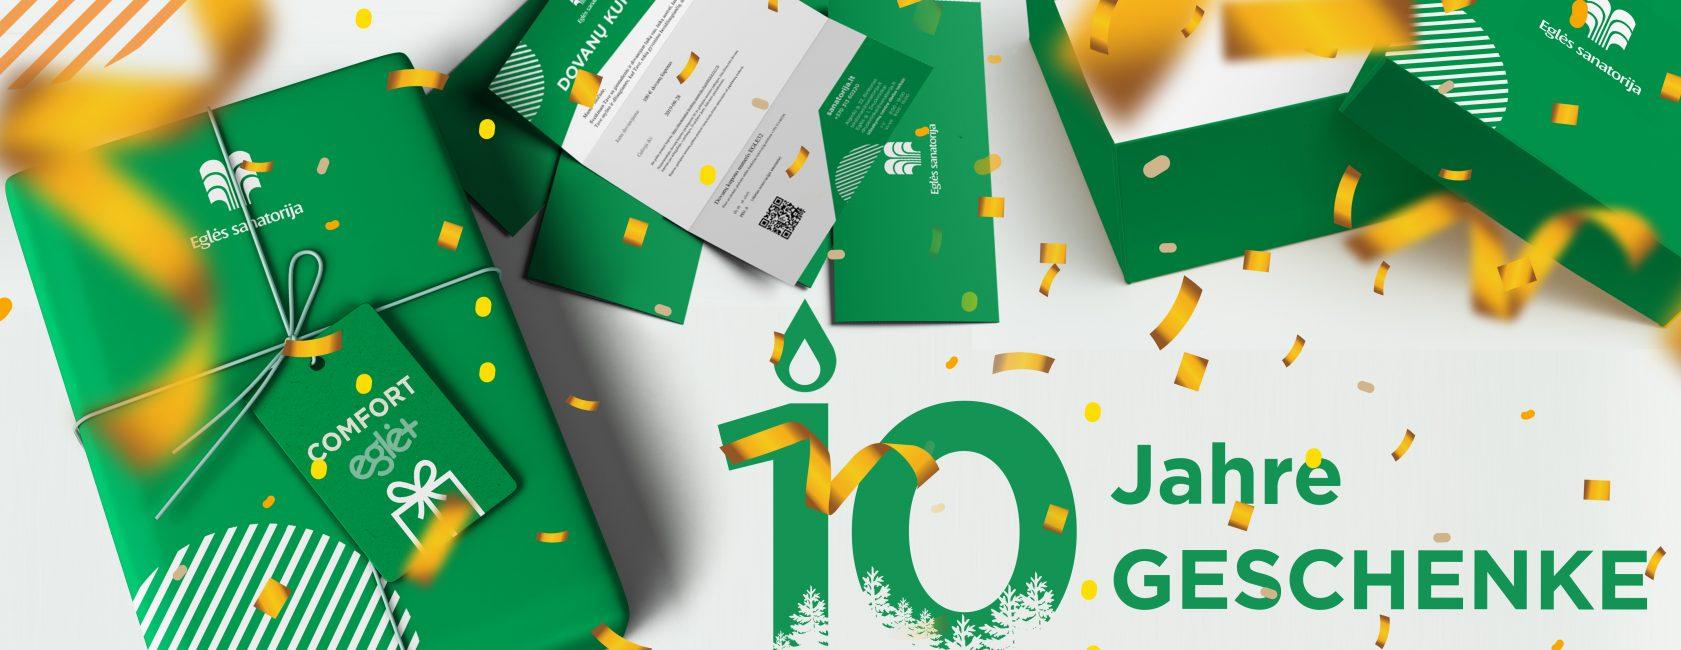 10 jahre – 10 geschenke!